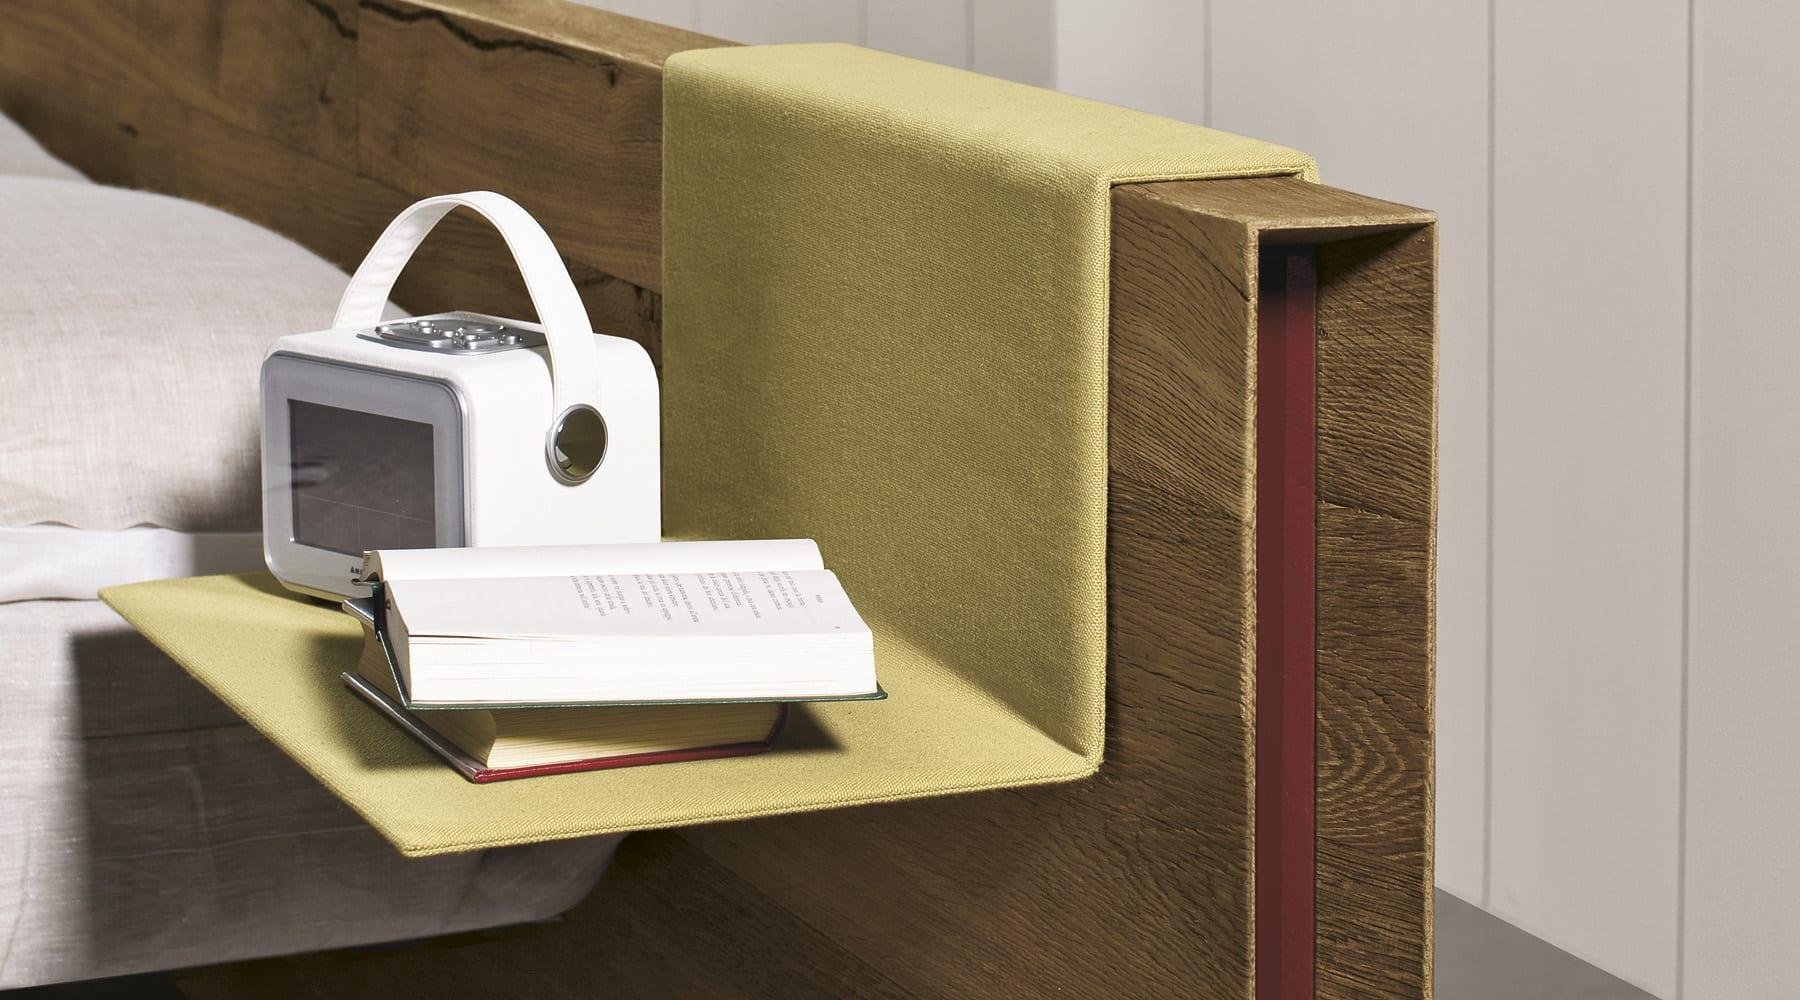 kreative schlafzimmer möbel für ein designerschlafzimmer-gestaltung